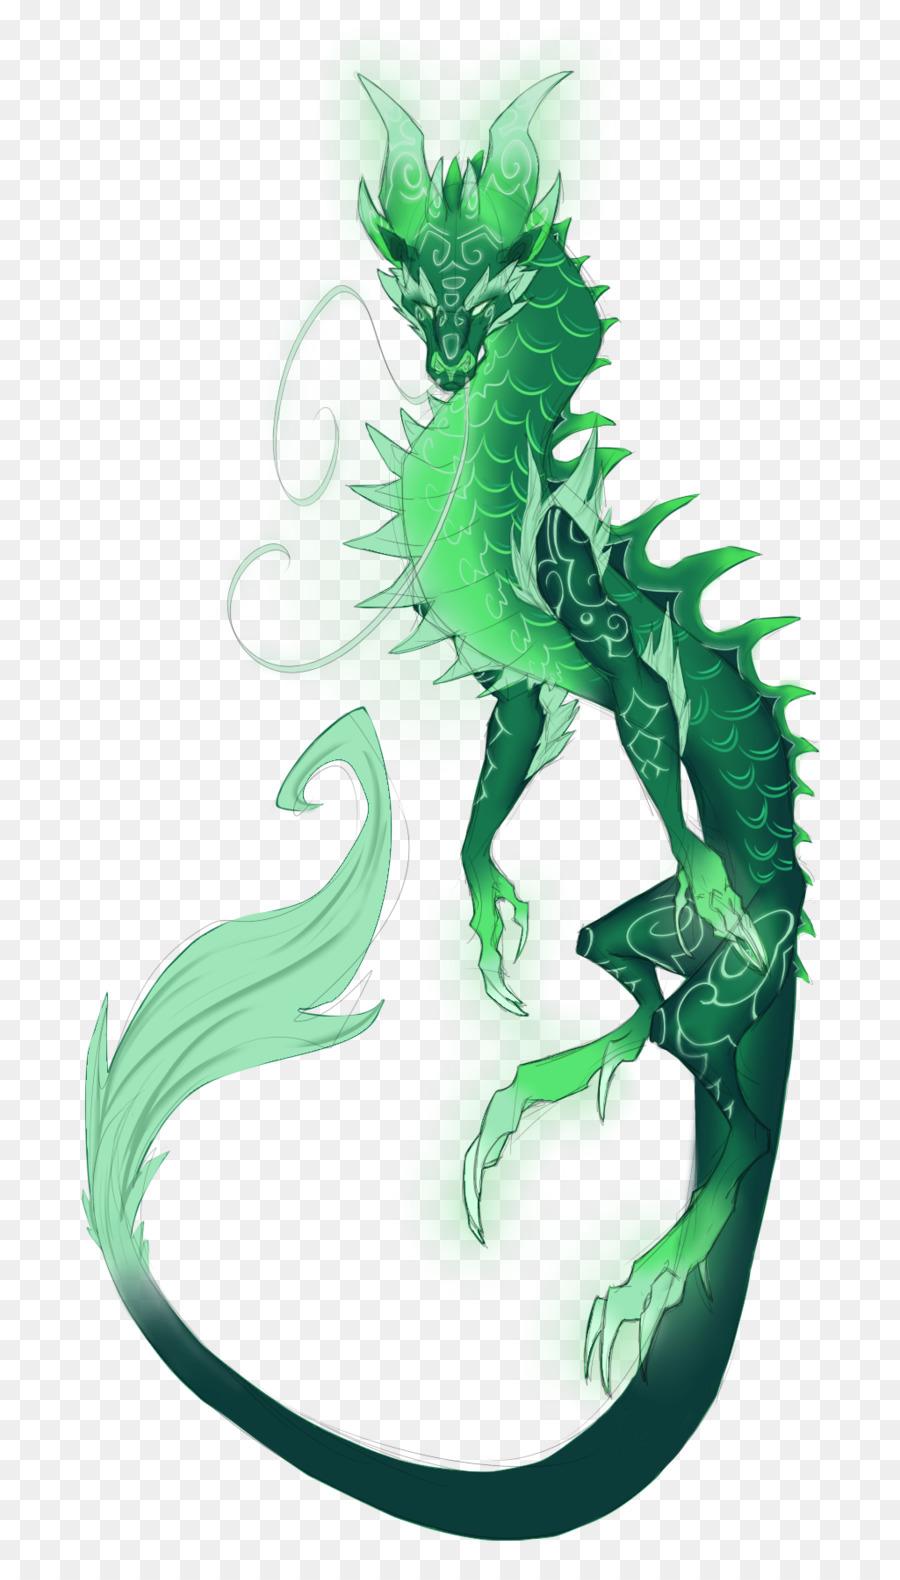 Нефритовый дракон картинка